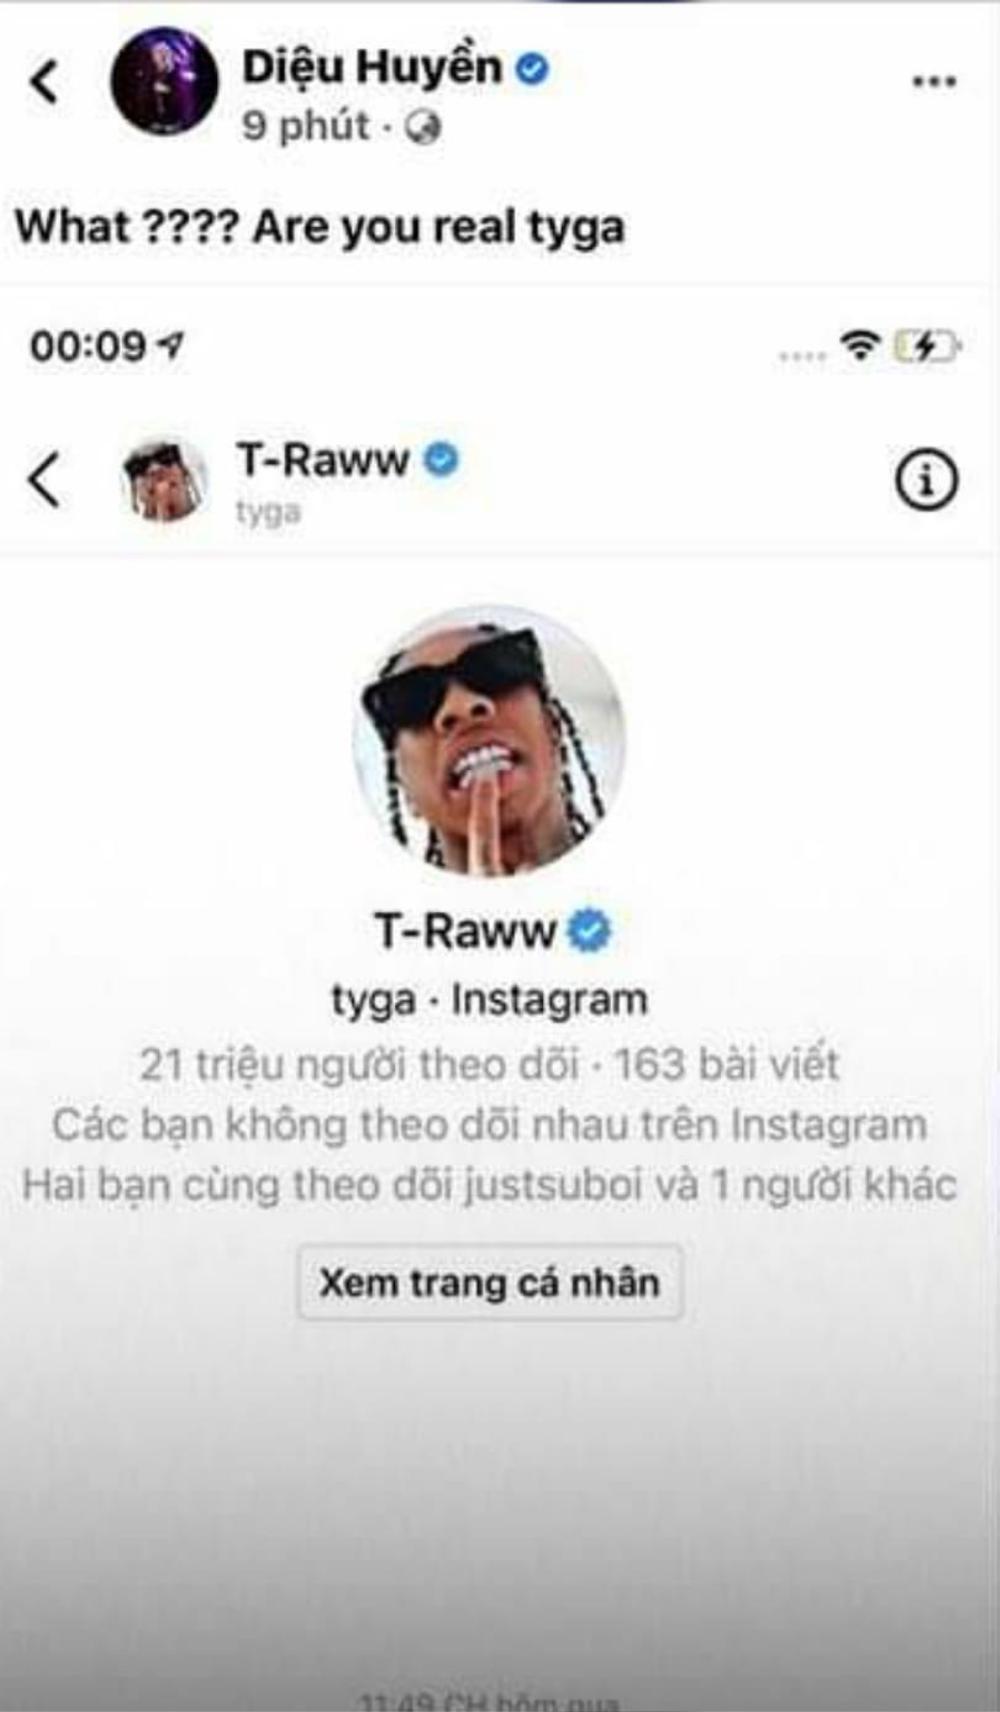 Tyga - Nam rapper muốn hợp tác cùng Pháo (King of Rap) nổi tiếng cỡ nào? Ảnh 1